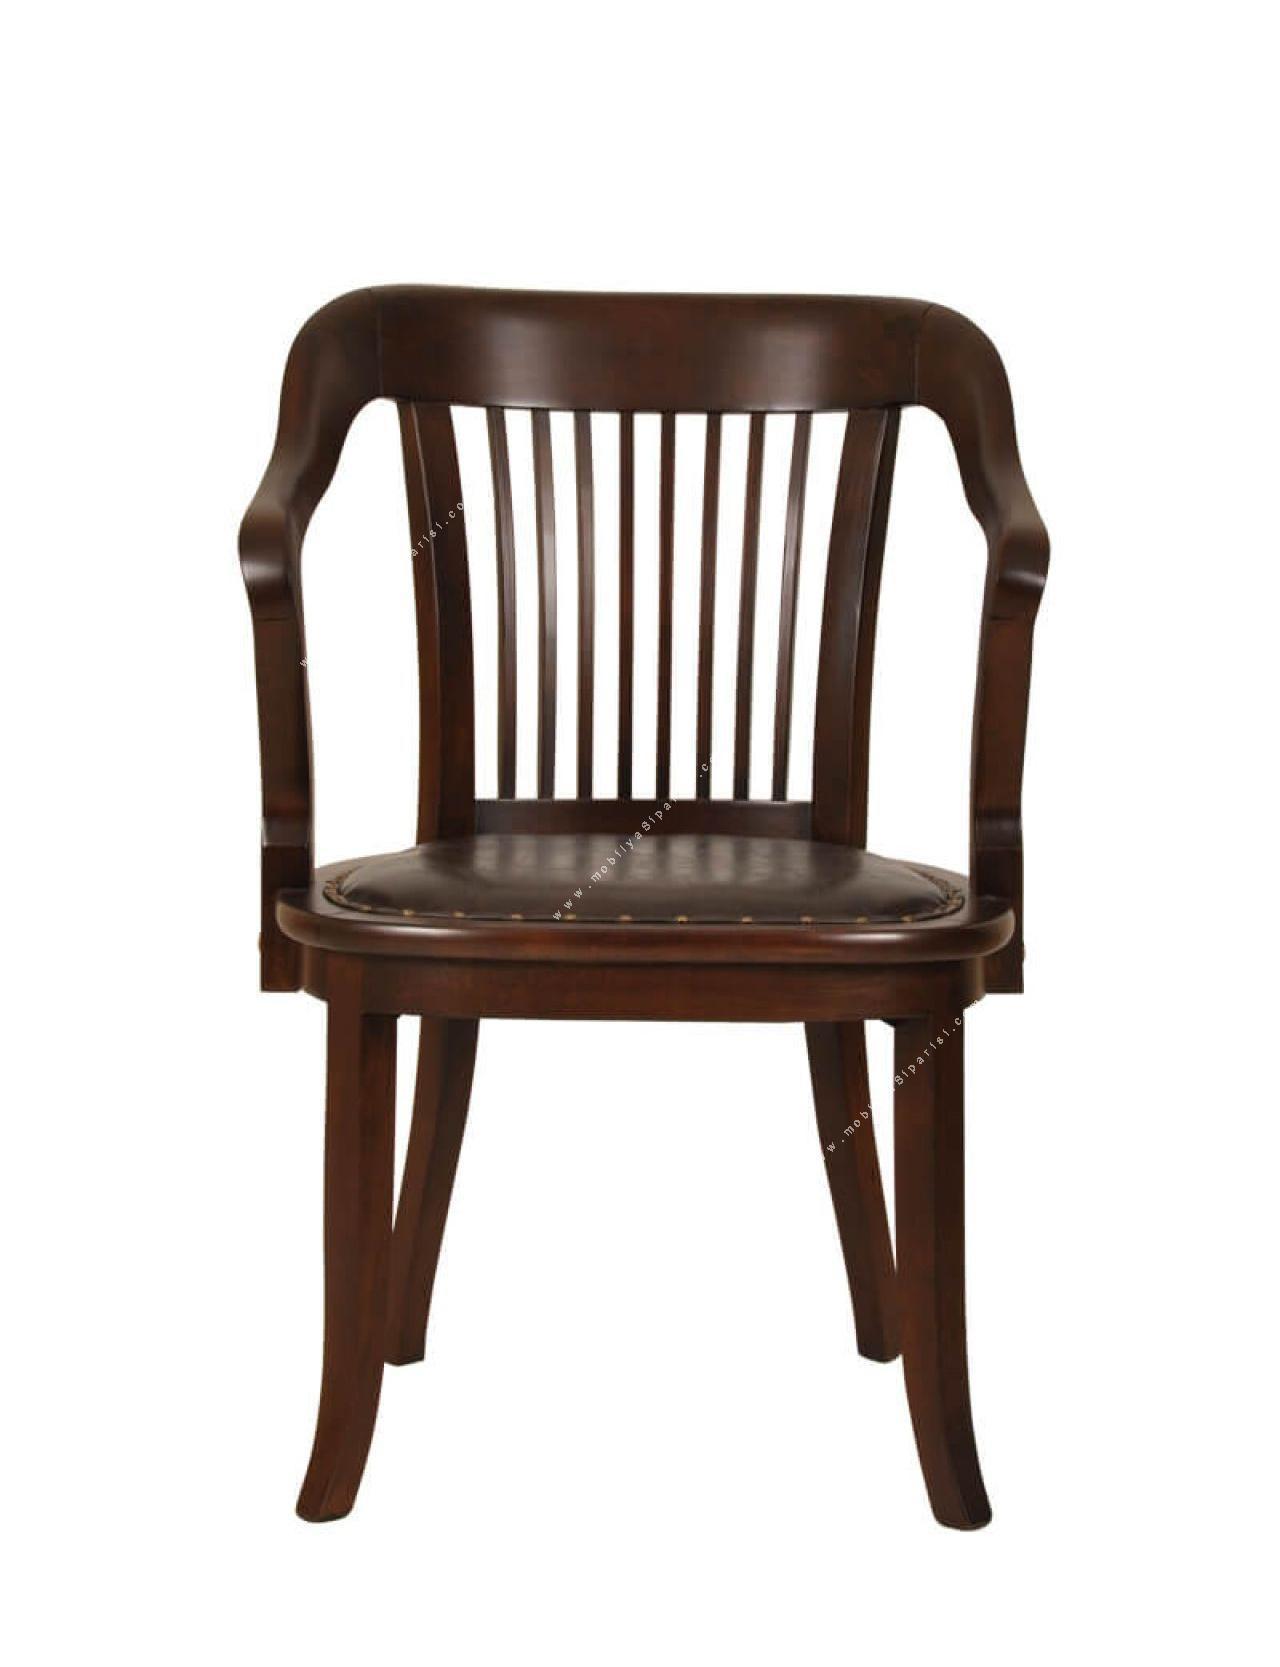 vintage dört ayaklı ahşap misafir koltuğu